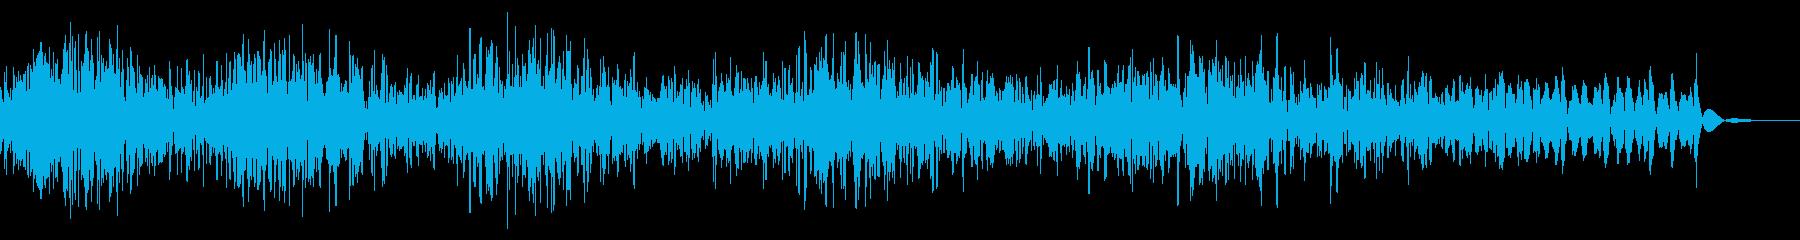 モーターヘビーパワーダウン、ディー...の再生済みの波形